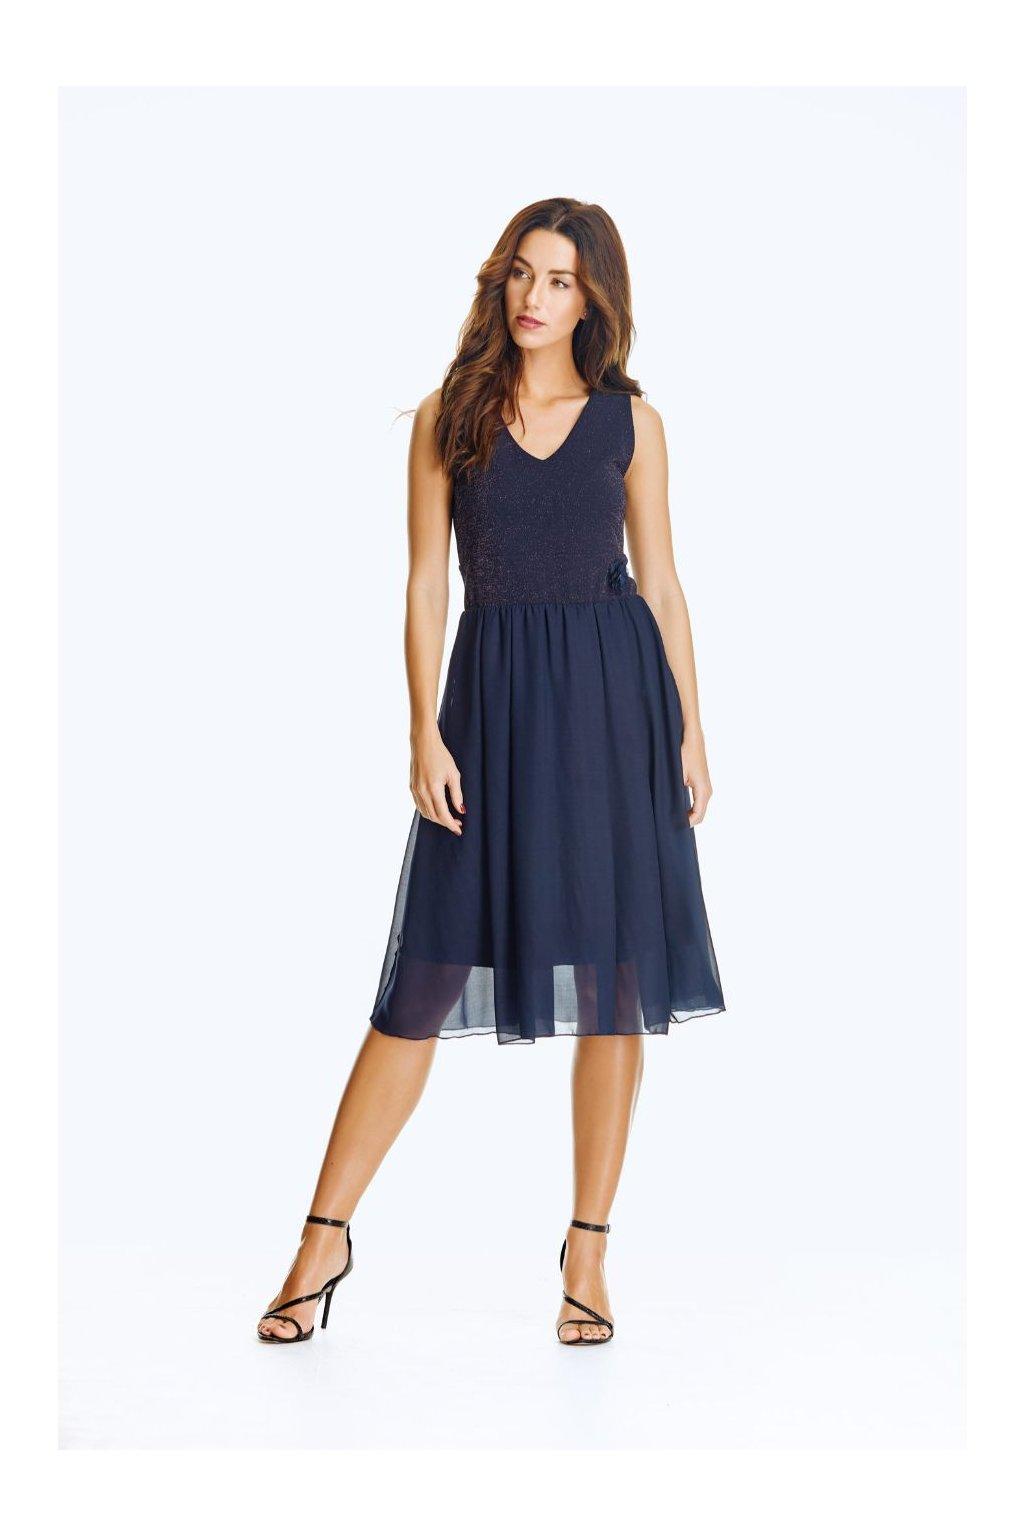 Společenské šaty se šifónem krátké